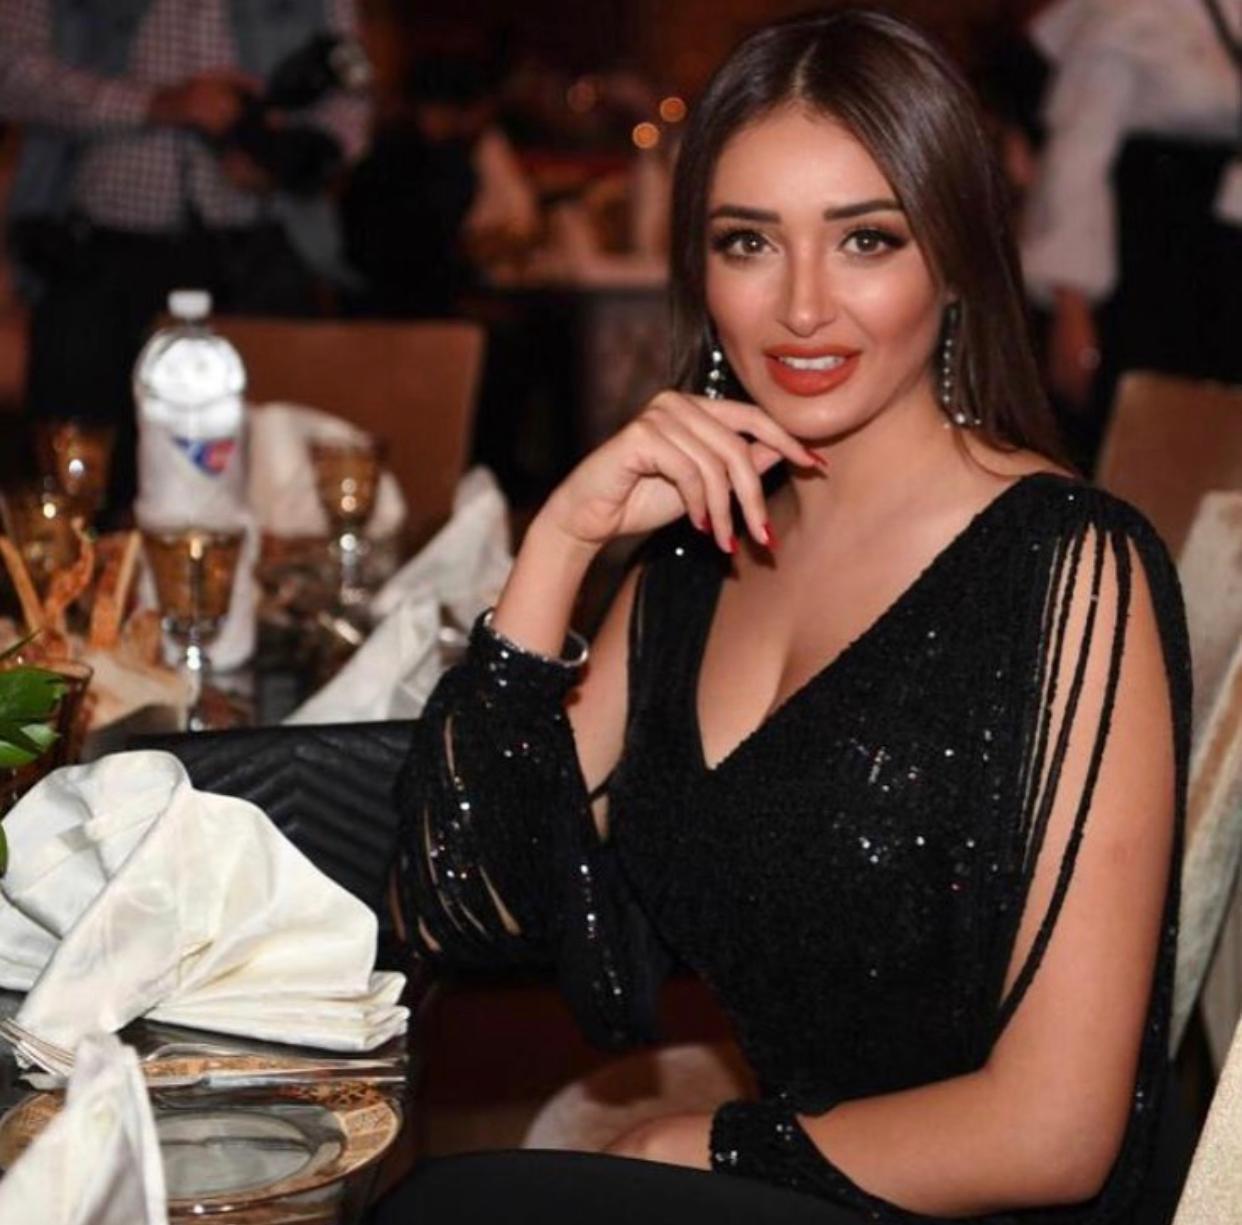 الممثلة التونسية صابرينا